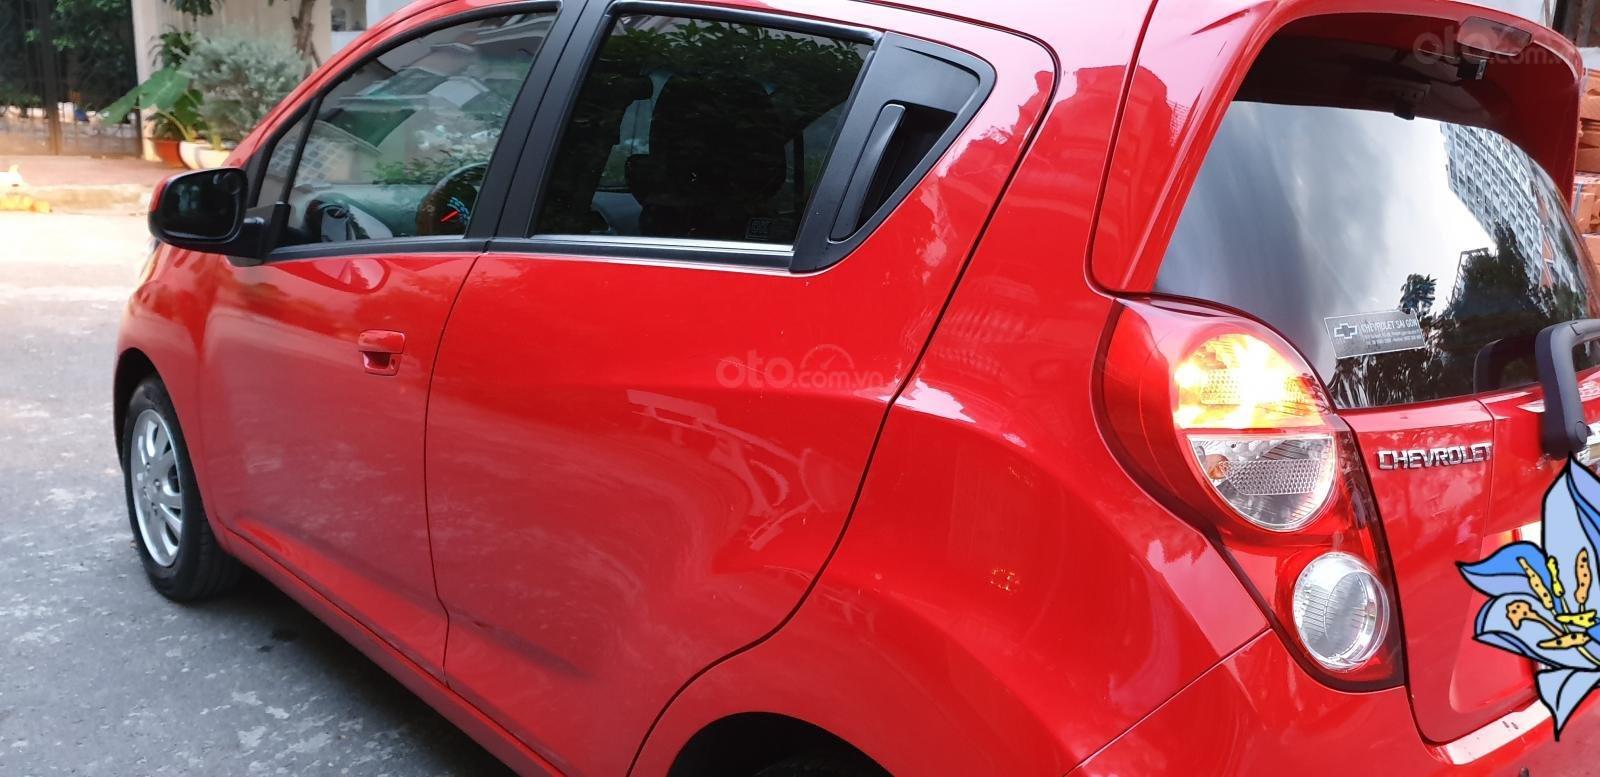 Bán Chevrolet Spark LTZ , số tự động đời T2/2014 sx 2013 màu đỏ đẹp mới 90% (7)